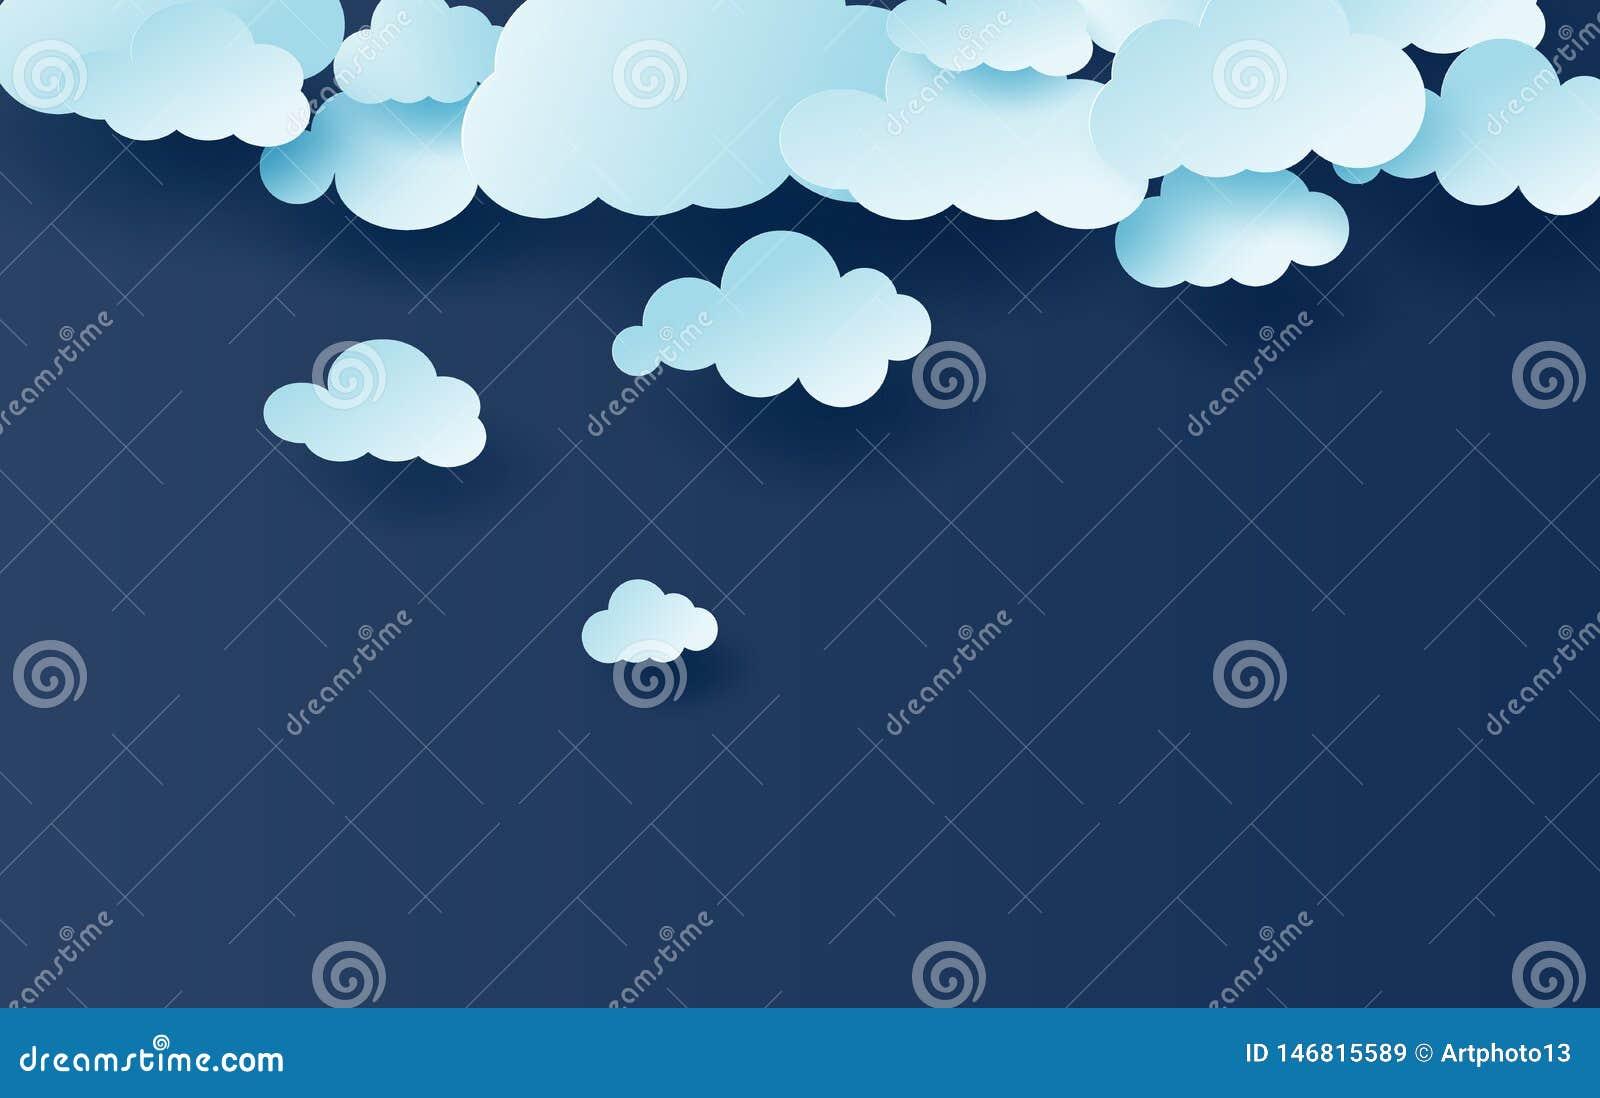 Ilustração 3D de claro - vetor branco do teste padrão das nuvens do céu azul Projeto criativo simples com corte do papel do cloud